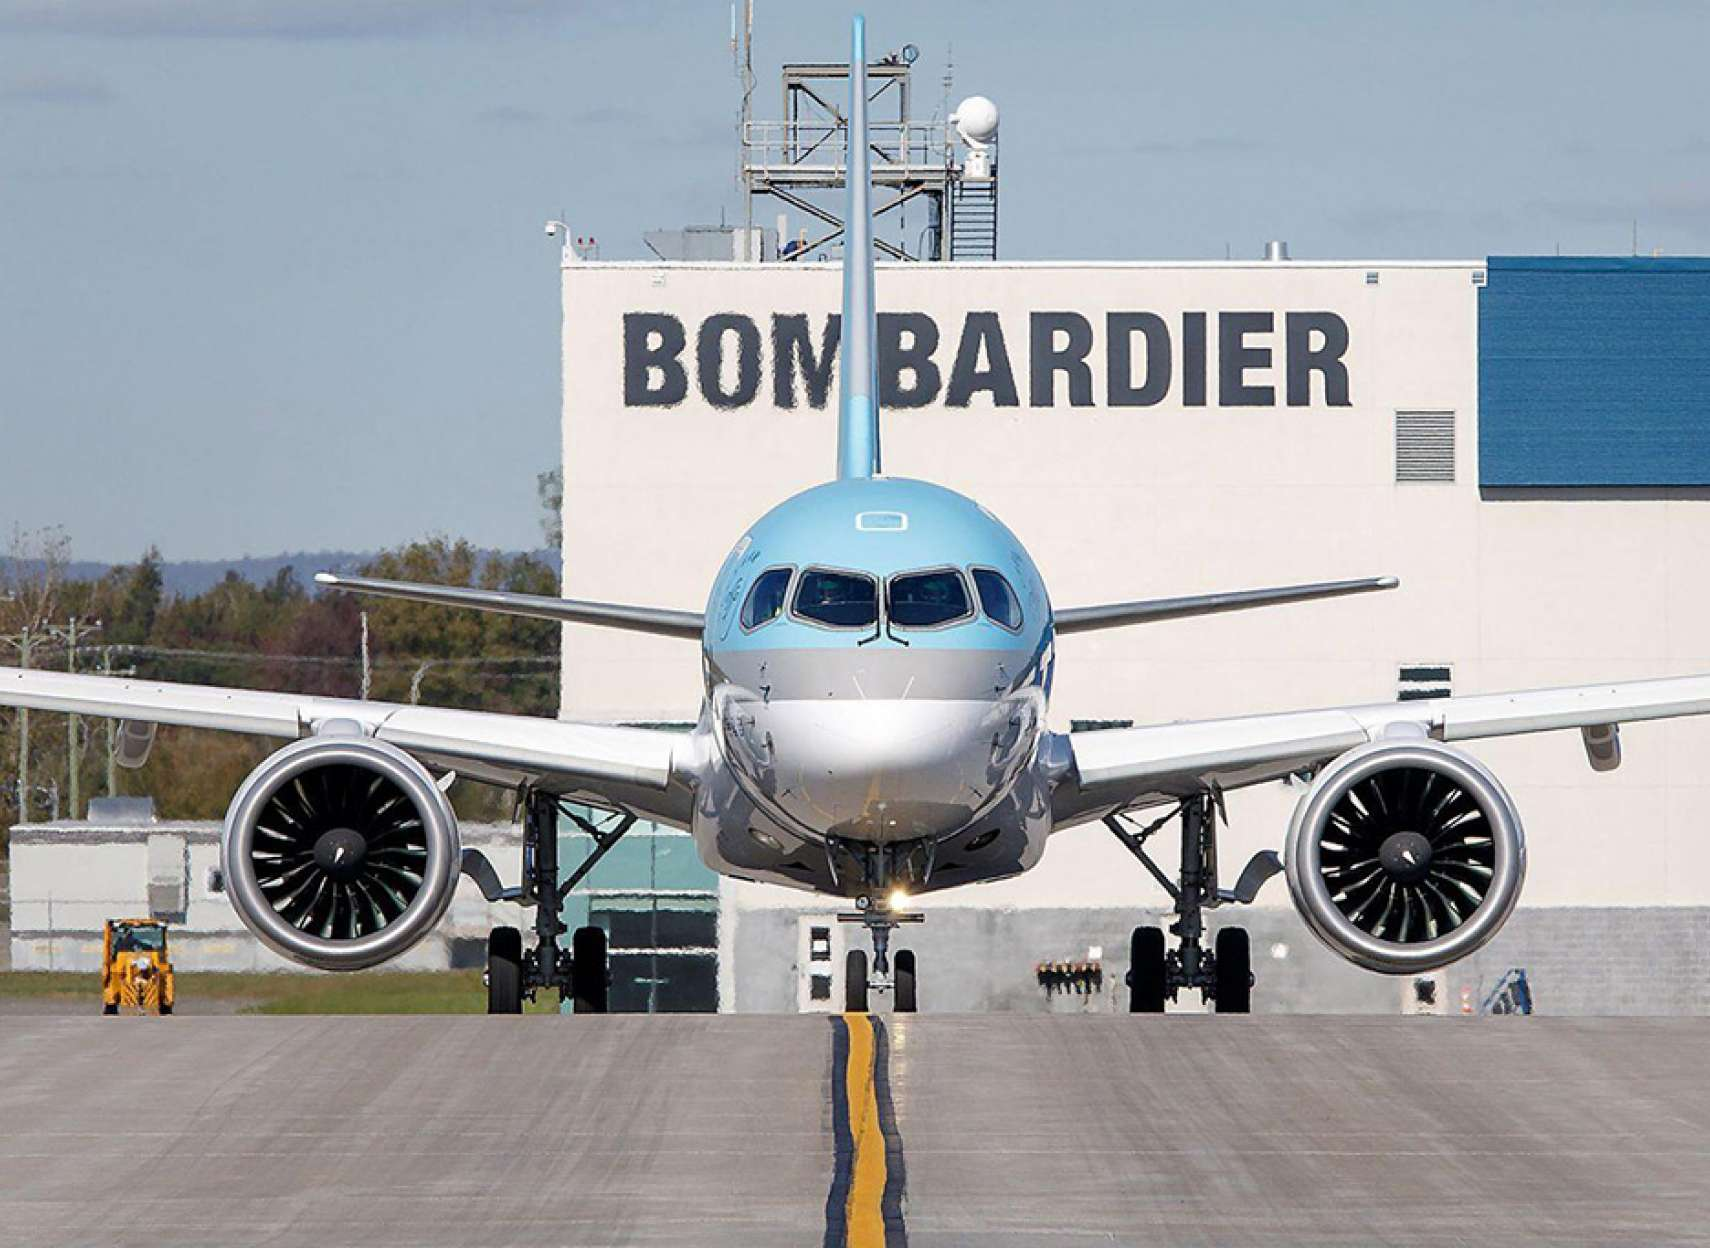 اخبار-کانادا-بمباردیه-باقی-بخش-هواپیمای-موفقش-را-به-ایرباس-فروخت